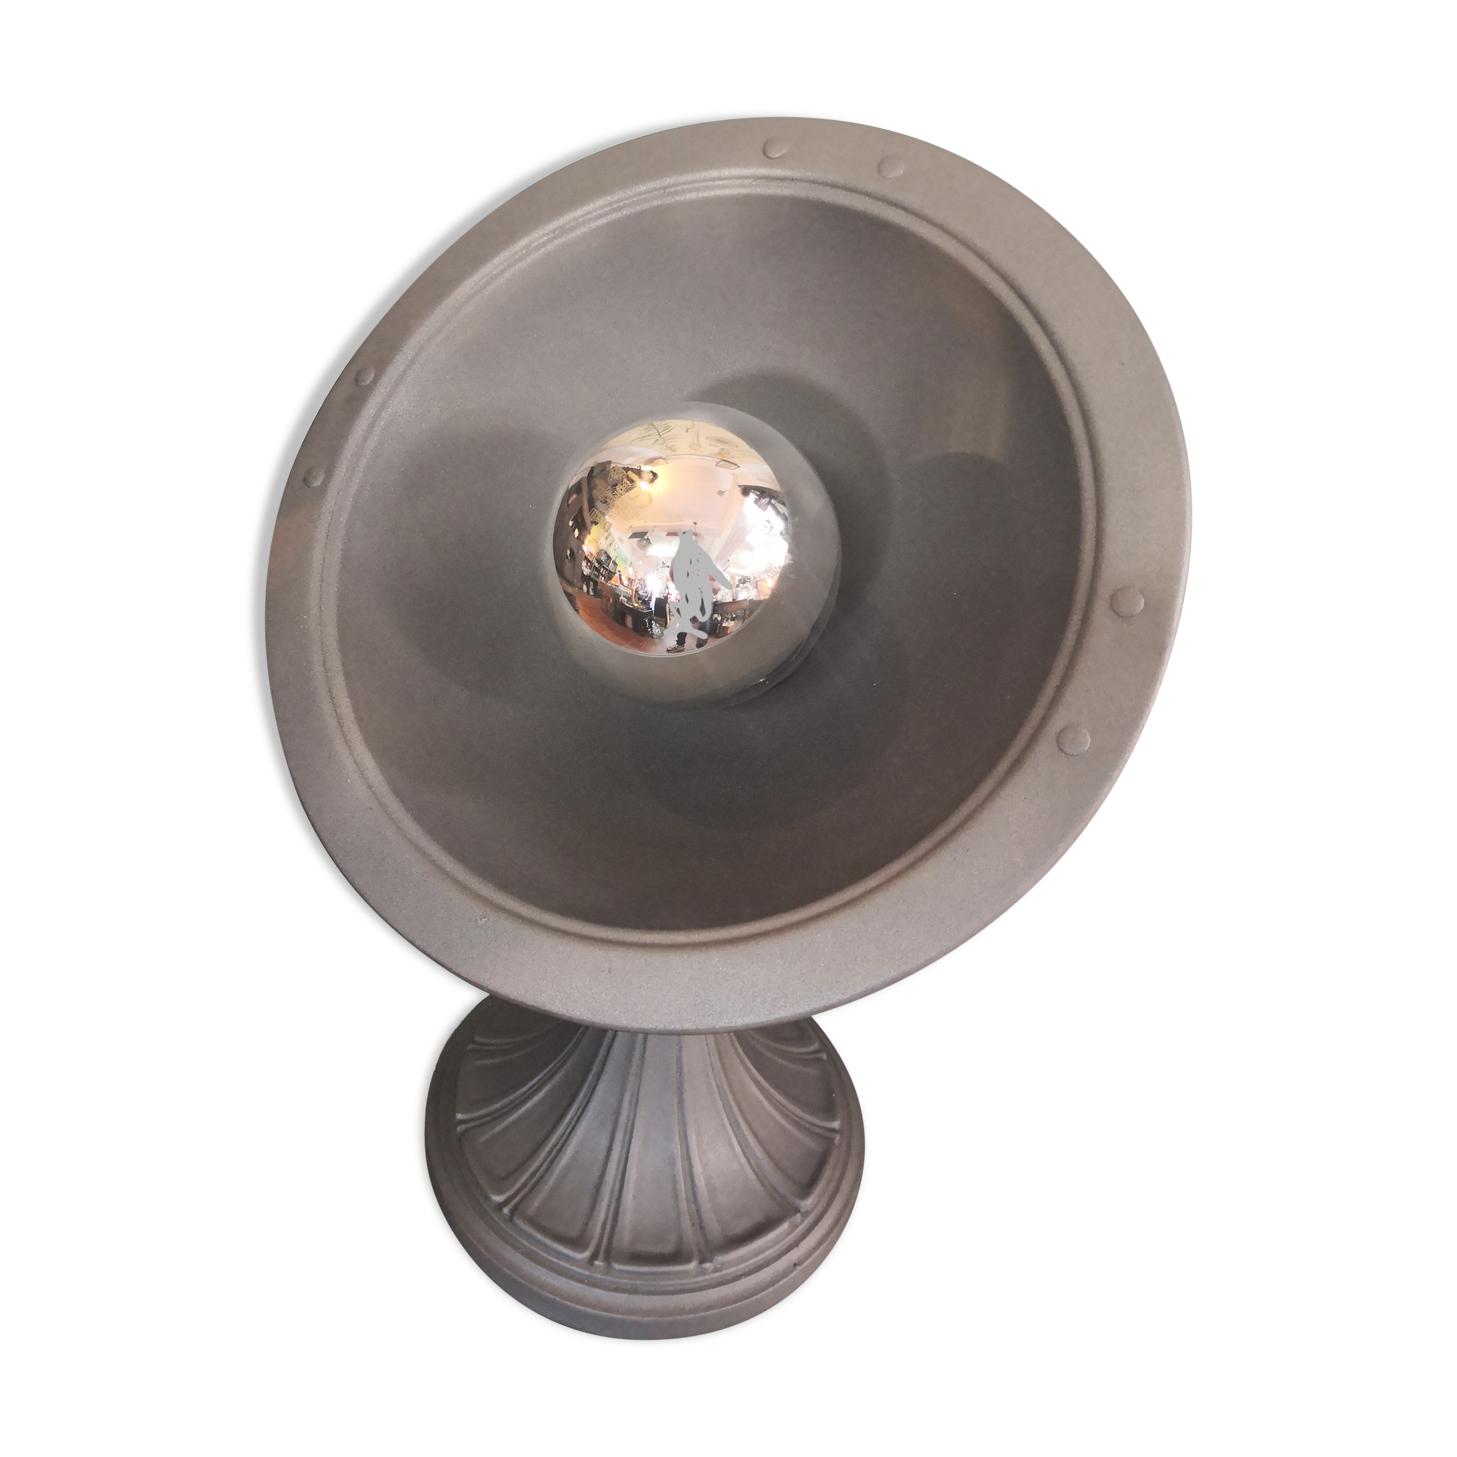 Lampe sur pied calor en métal